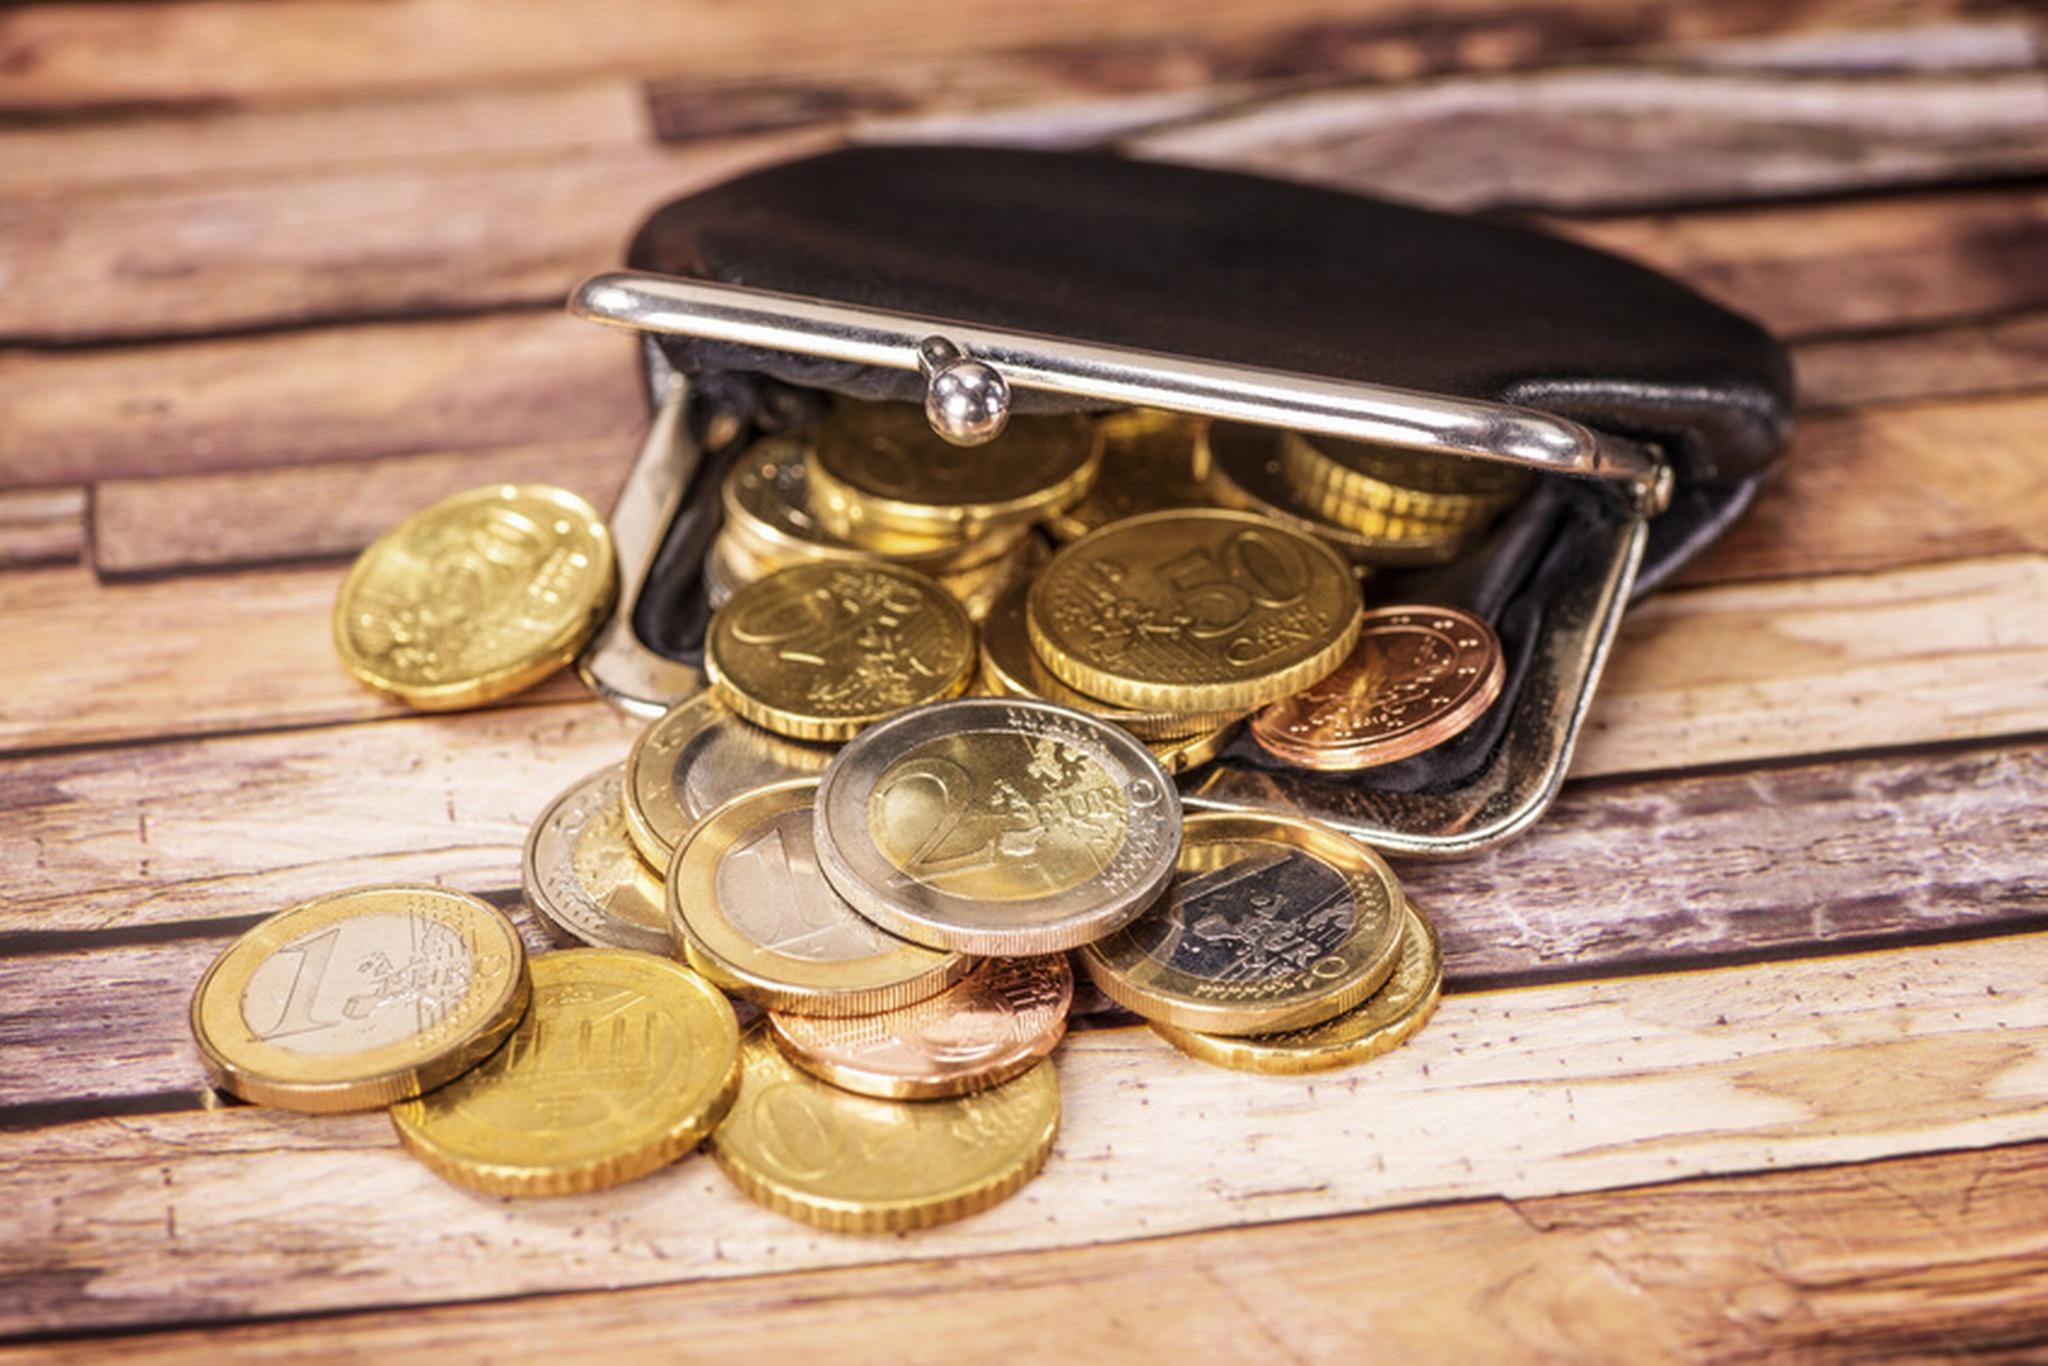 Münzen, Geld, Geldbörse, sparen, © Foto: Fotolia